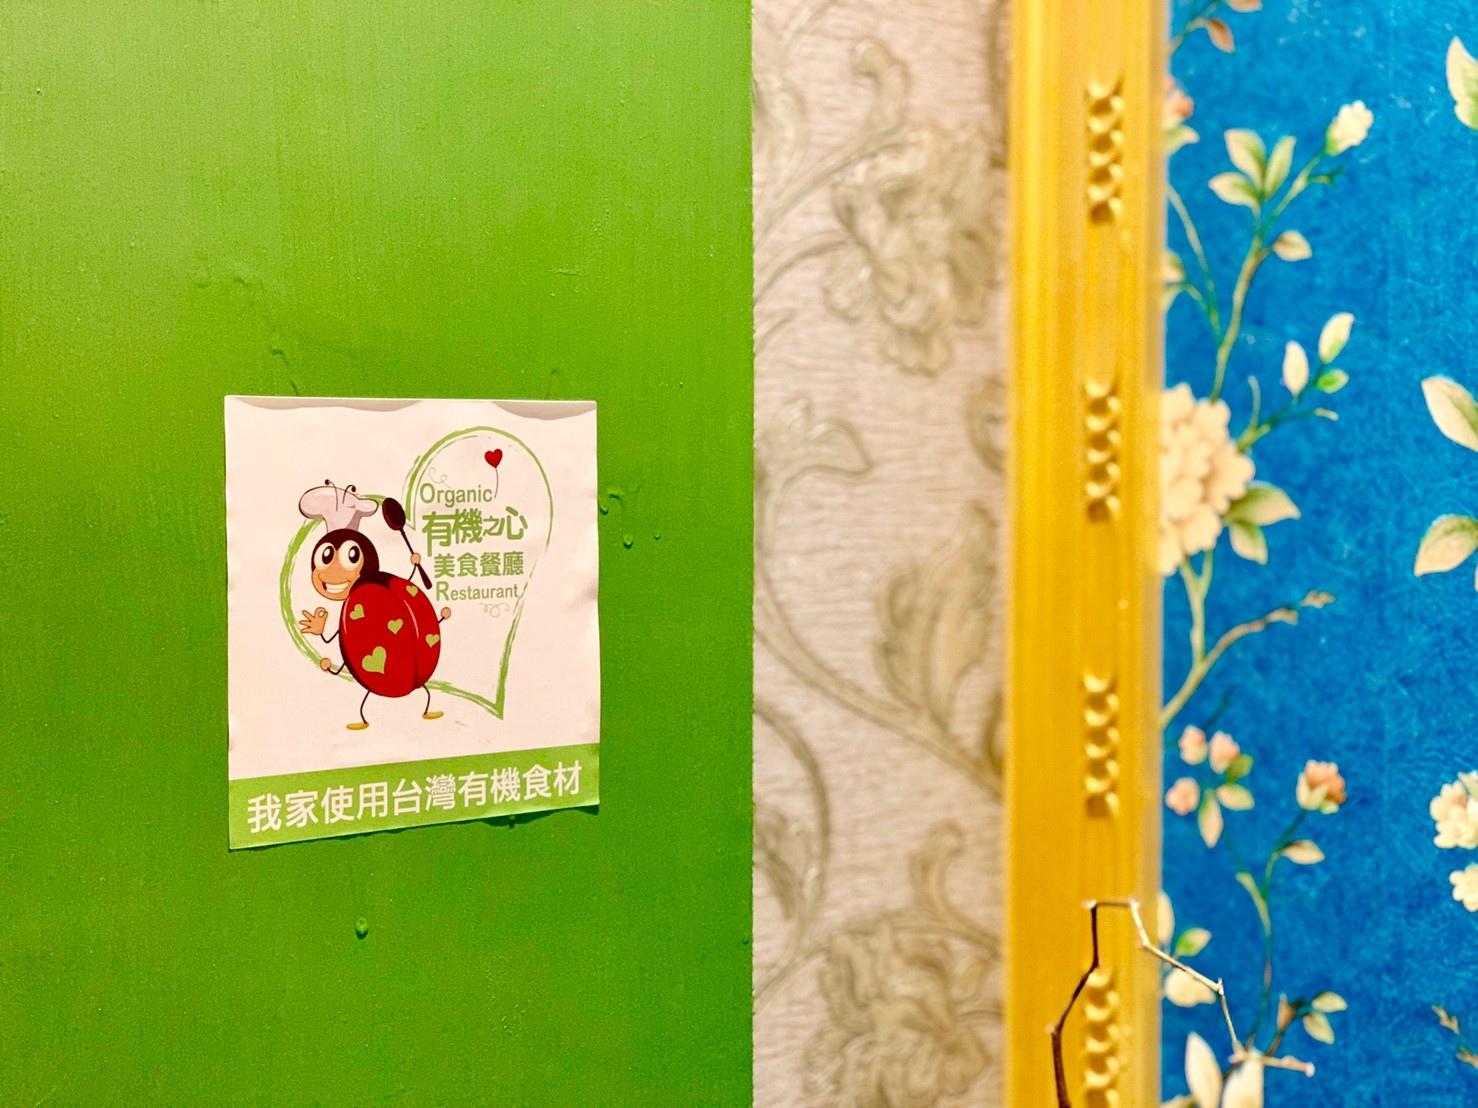 【新北林口】喜園涮涮鍋│IG網美必打卡的浪漫歐風餐廳~紅到國外的火鍋!無添加人工味精【有機之心最高五星認證餐廳】串起小農產業鏈 嚴選慈心認證的有機蔬果